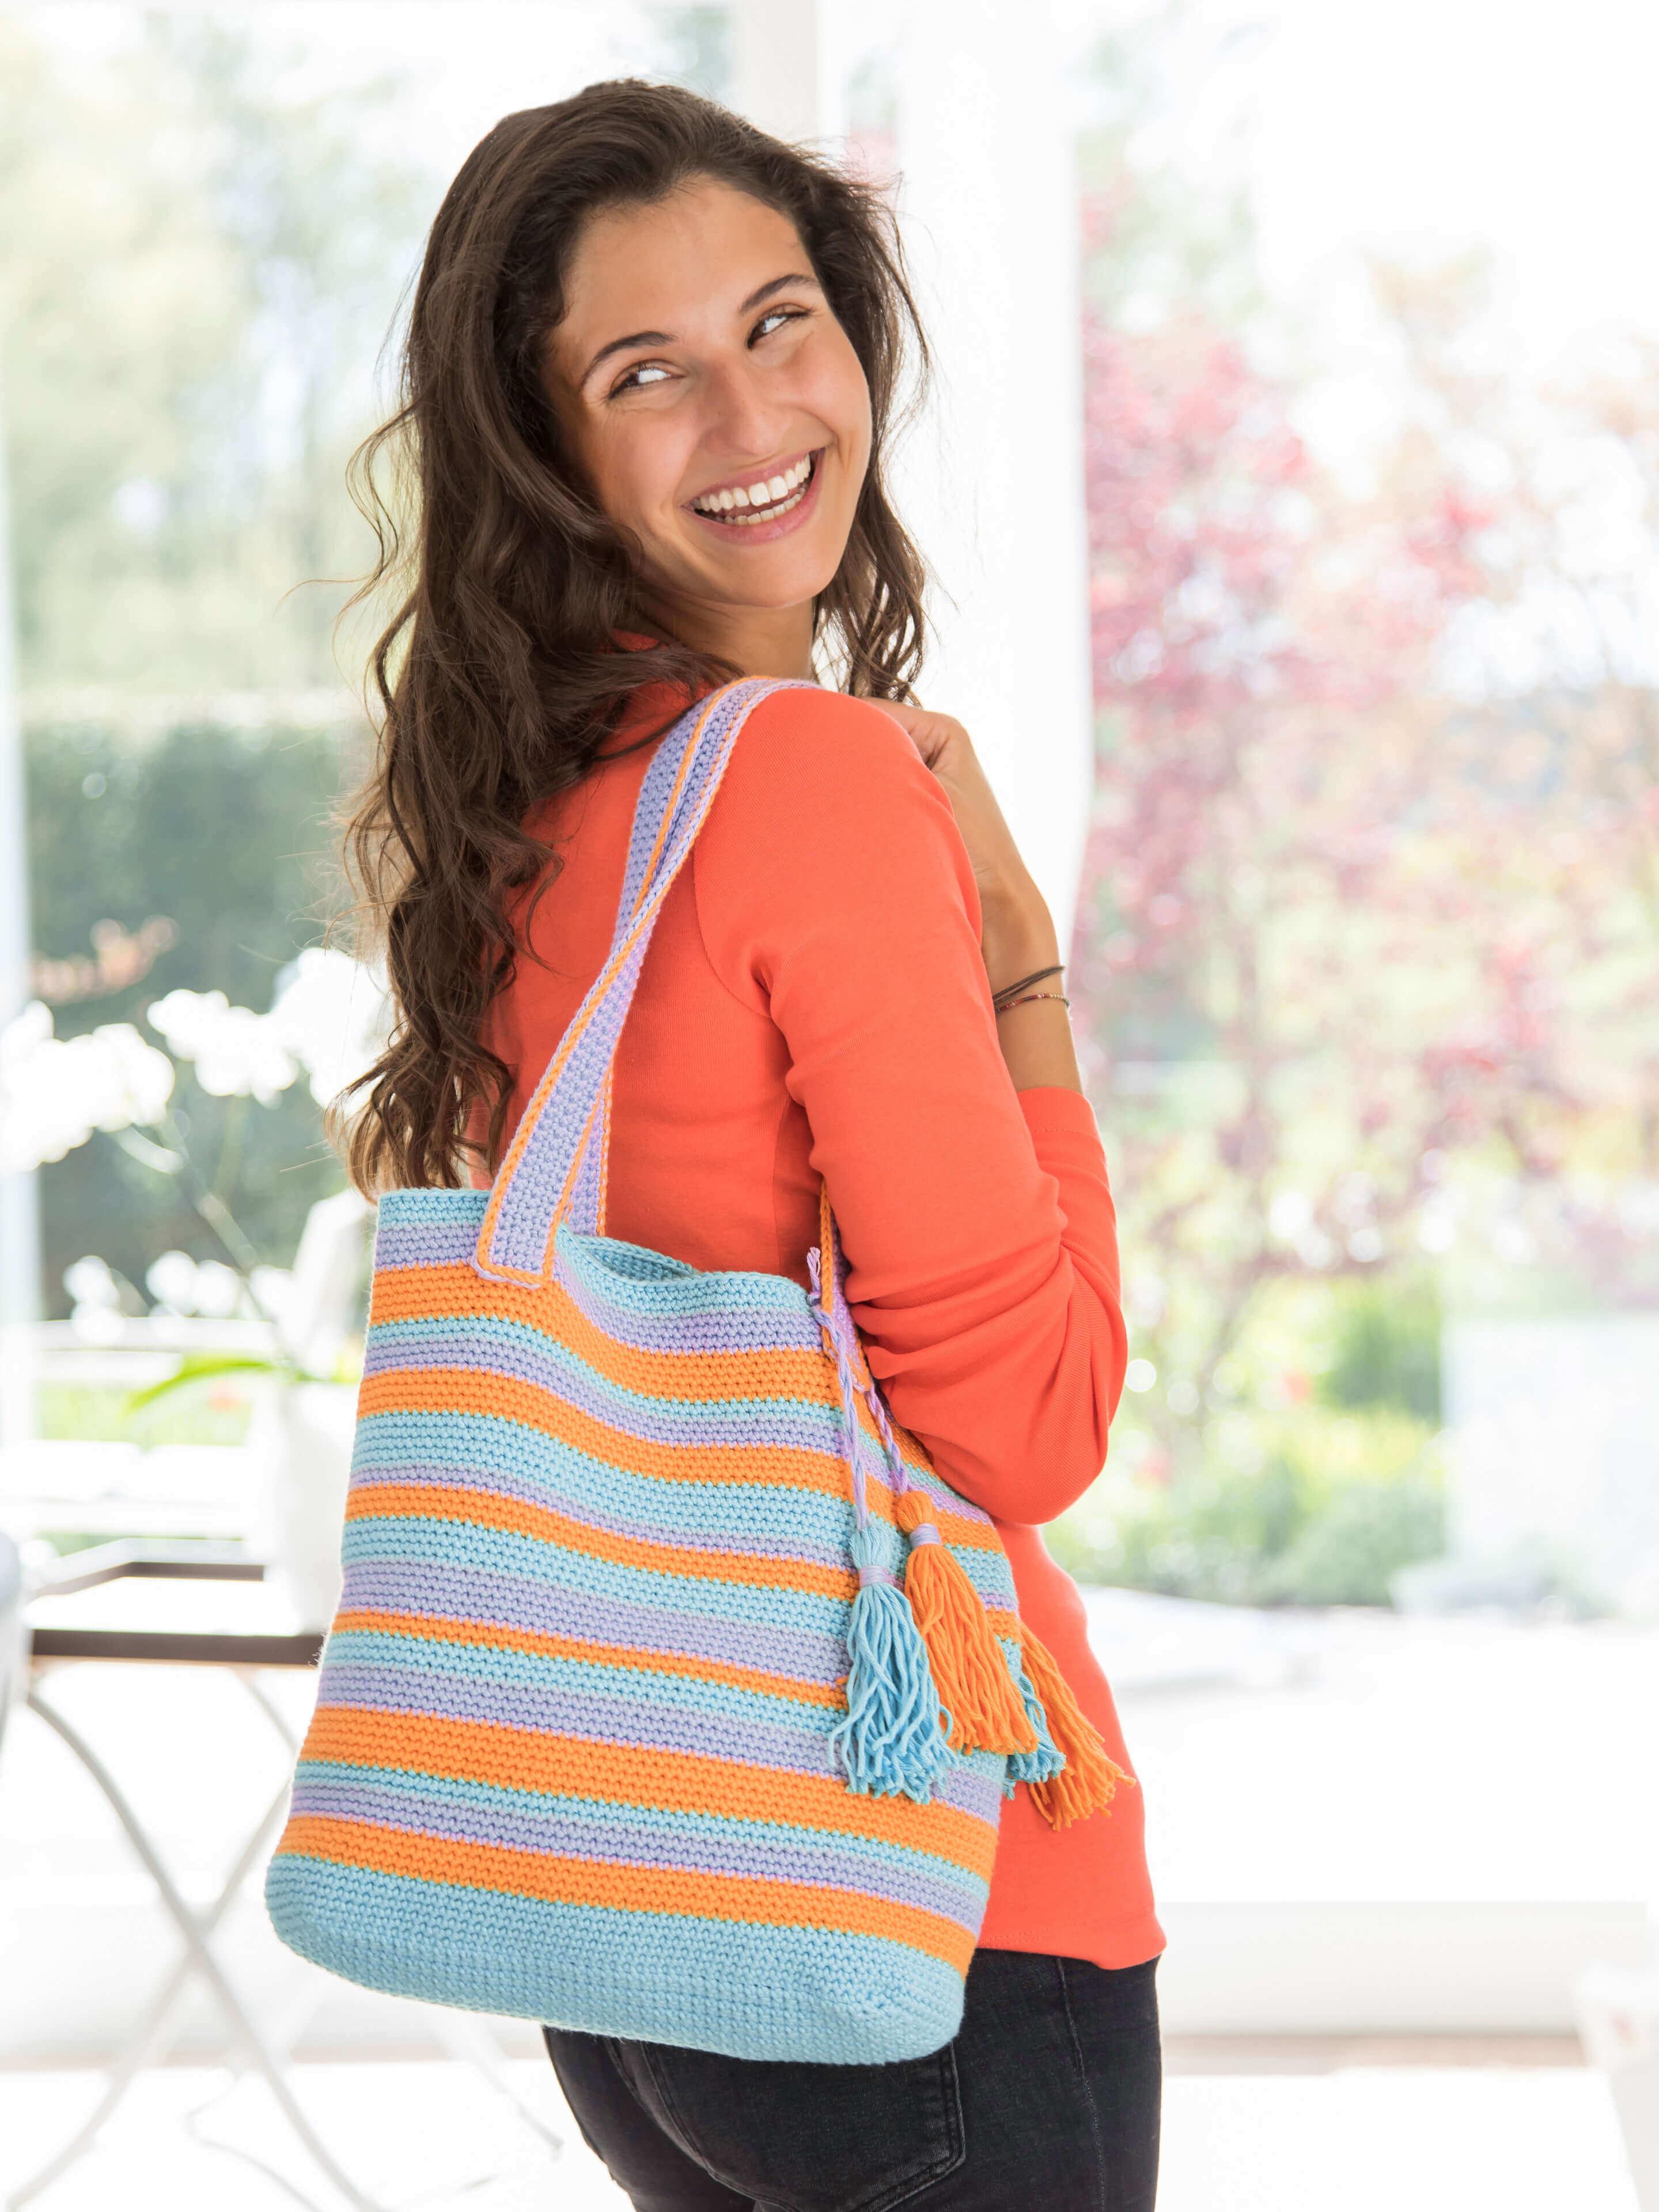 Frau mit gehäkelter Einkaufstasche in orange-lila-blau